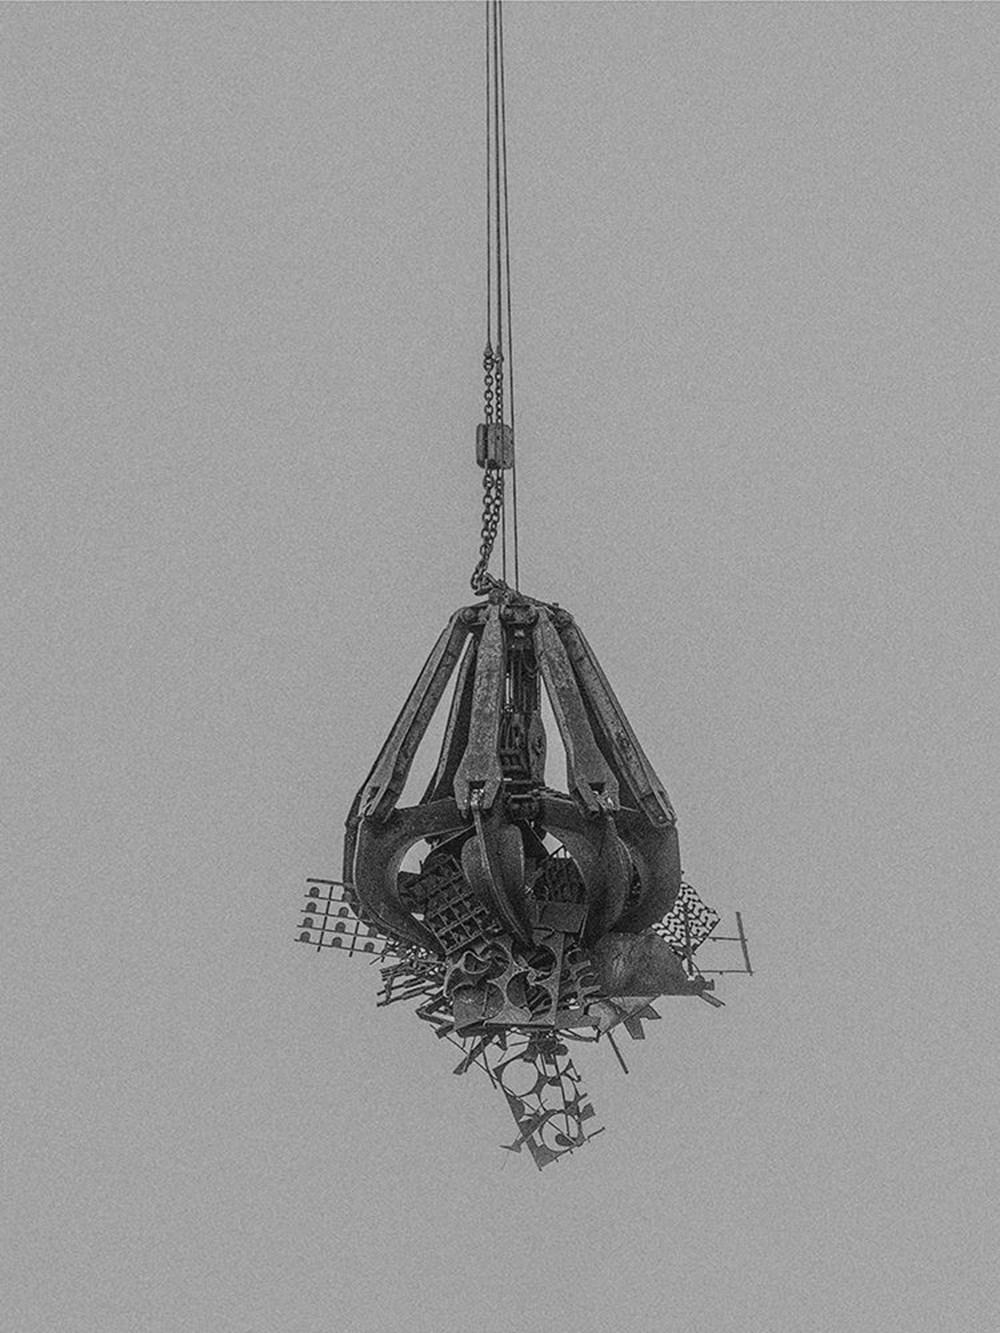 İlin İncəsənət Fotoqrafı - Klaus Lenzen